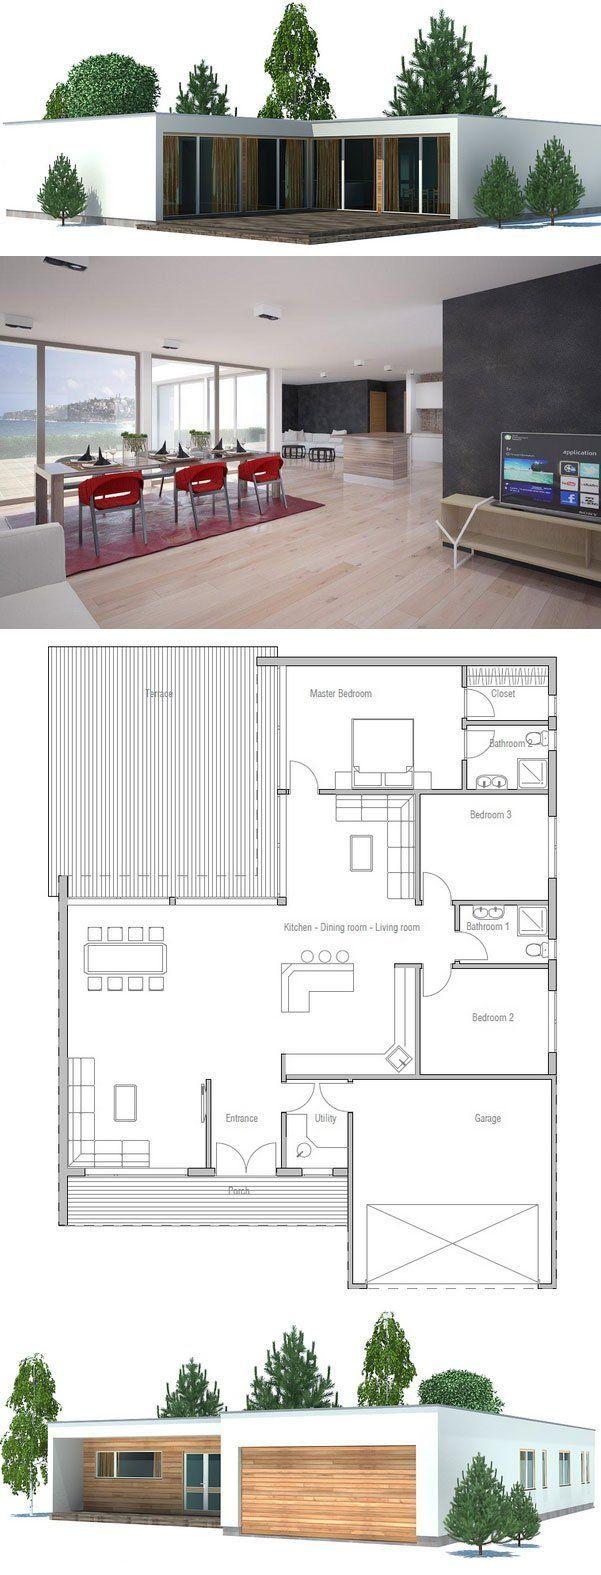 Grundrisse wohnen strandhaus pläne modernes haus pläne kleines haus pläne moderne häuser kleine häuser einfache grundrisse doppelgarage